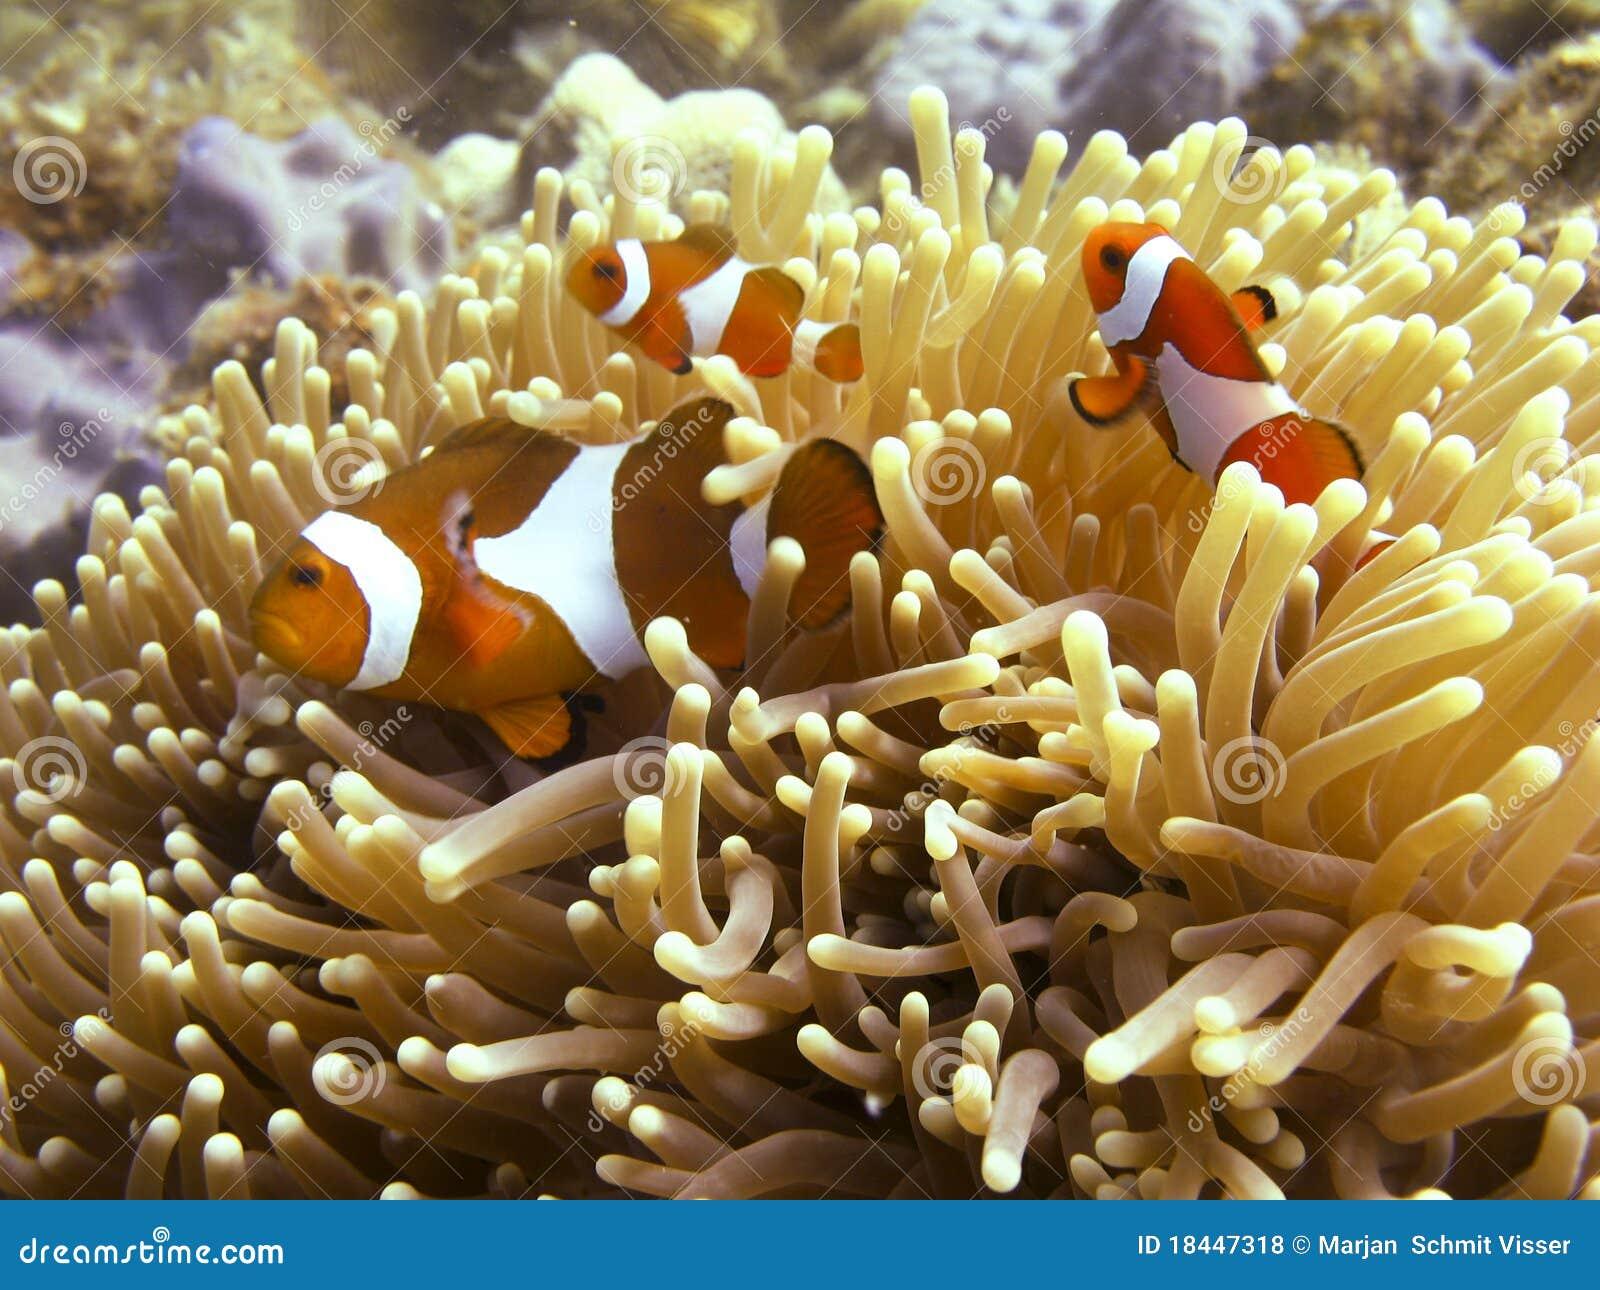 Anemonefish / Clownfish